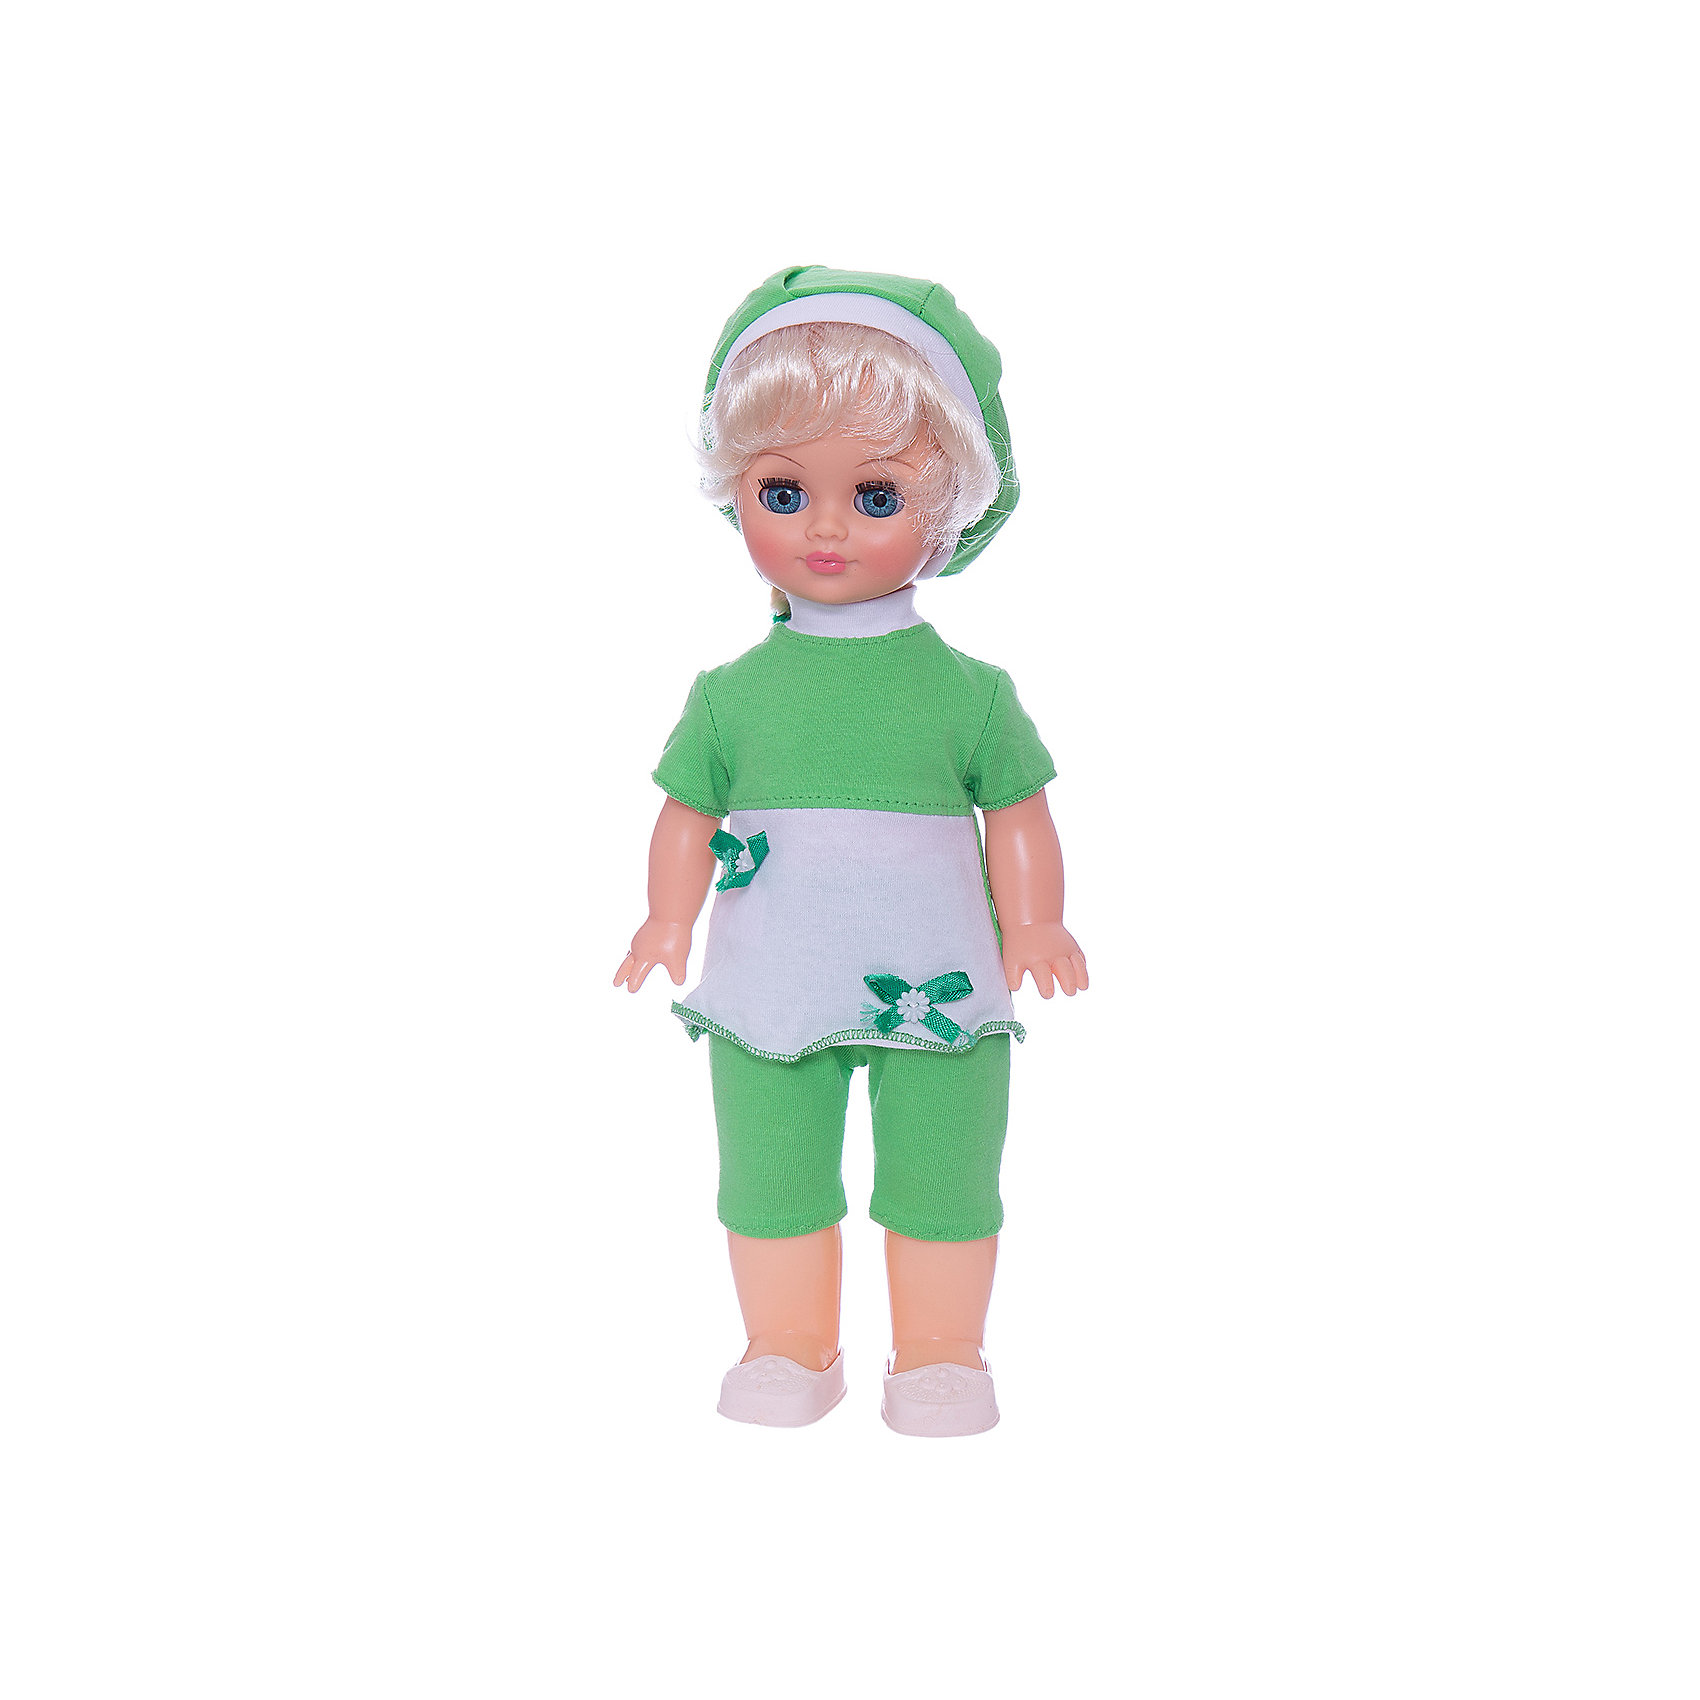 Кукла Лена 10, со звуком, 35,5 см, ВеснаКлассические куклы<br>Кукла для девочки - это не только игрушка, с которой можно весело провести время, кукла - это возможность отрабатывать навыки поведения в обществе, учиться заботе о других, делать прически и одеваться согласно моде и поводу.<br>Эта красивая классическая кукла не только эффектно выглядит, она дополнена звуковым модулем! Игрушка модно одета и снабжена аксессуарами. Такая кукла запросто может стать самой любимой игрушкой! Произведена из безопасных для ребенка и качественных материалов.<br><br>Дополнительная информация:<br><br>цвет: разноцветный;<br>материал: пластик, текстиль;<br>комплектация: кукла, одежда, аксессуары;<br>высота: 35,5 см.<br><br>Куклу Лена 10, со звуком, 35,5 см, от компании Весна можно купить в нашем магазине.<br><br>Ширина мм: 170<br>Глубина мм: 100<br>Высота мм: 420<br>Вес г: 350<br>Возраст от месяцев: 36<br>Возраст до месяцев: 120<br>Пол: Женский<br>Возраст: Детский<br>SKU: 4642022